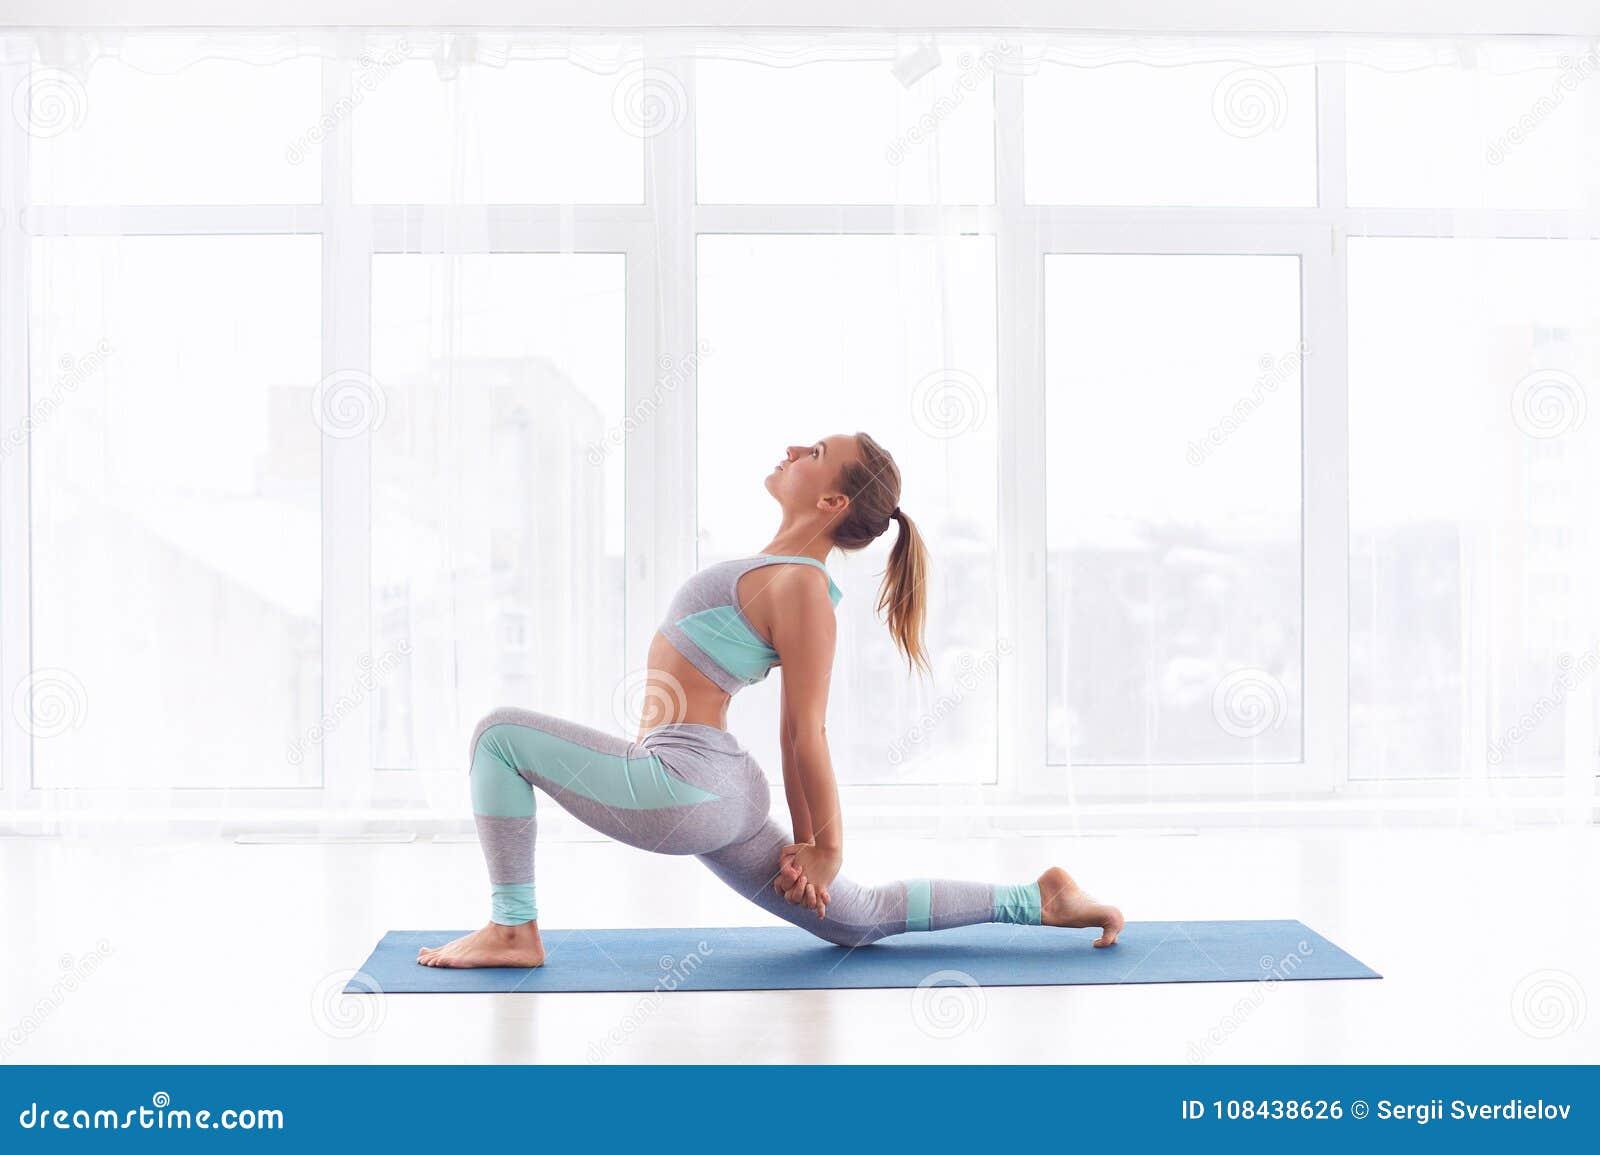 La bella donna sportiva di yogini di misura pratica il asana Ashva Sanchalasana - posa equestre di yoga allo studio di yoga